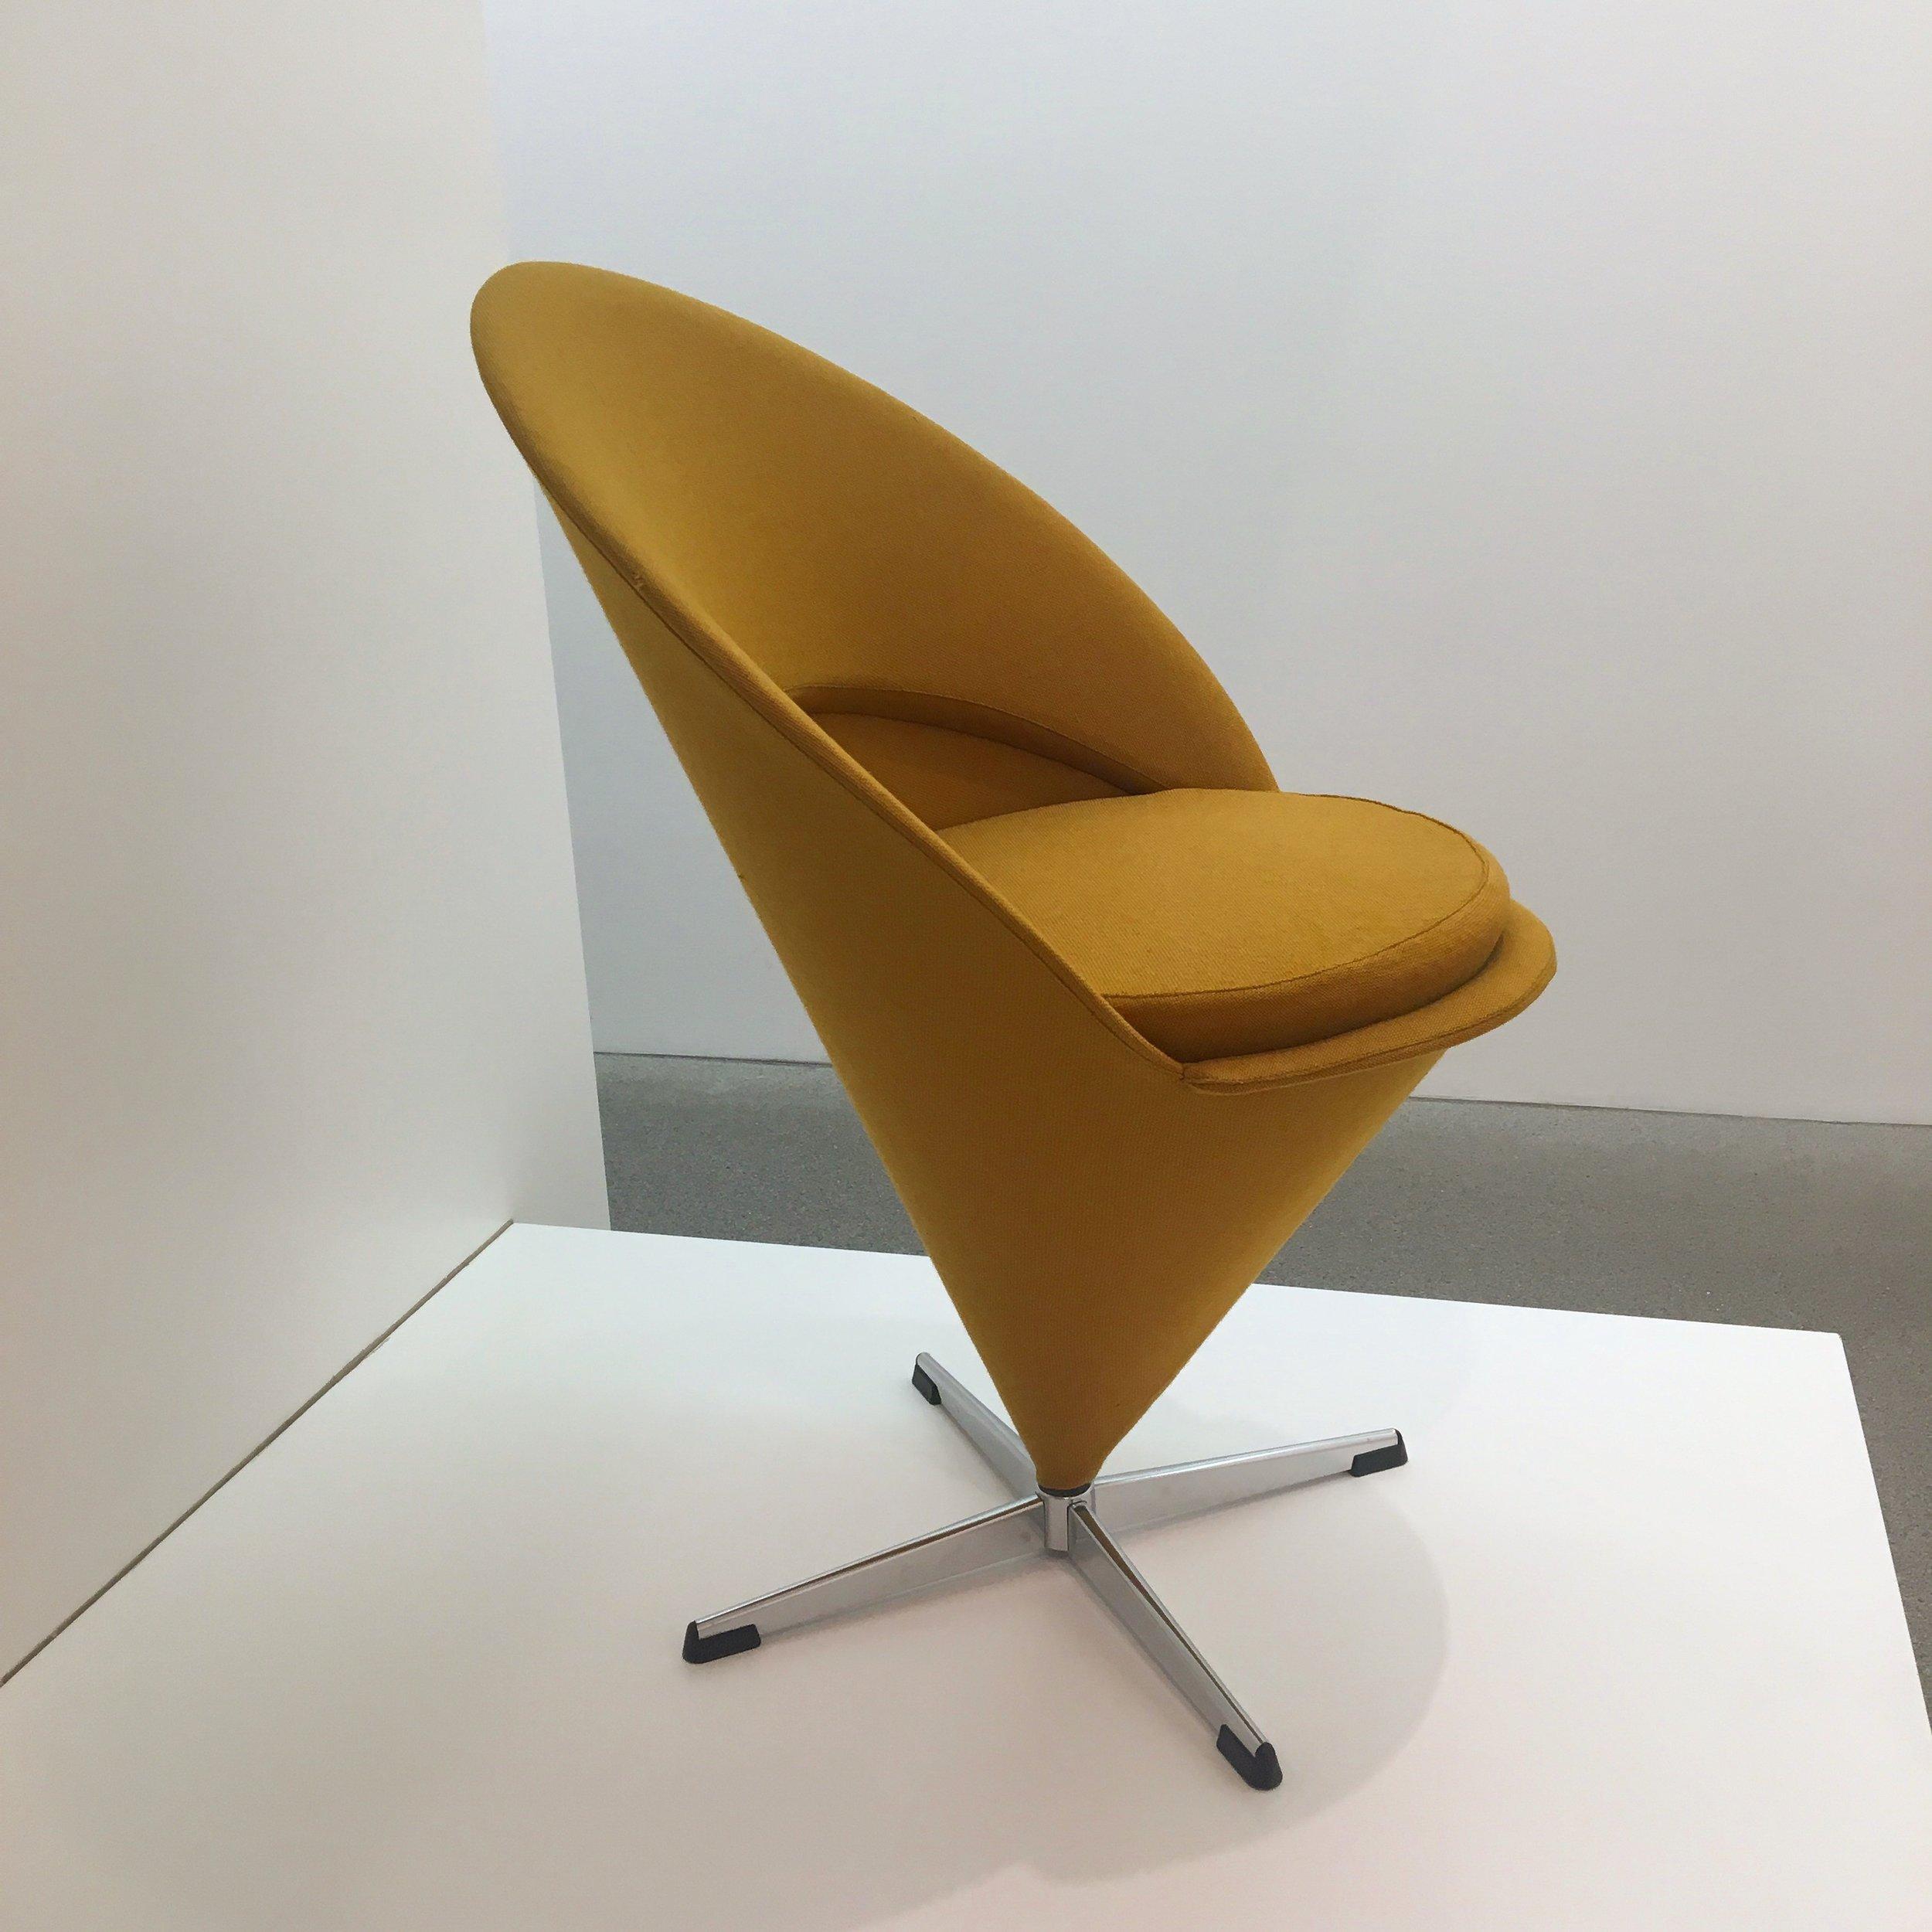 Design Pinakothek der Moderne.jpg